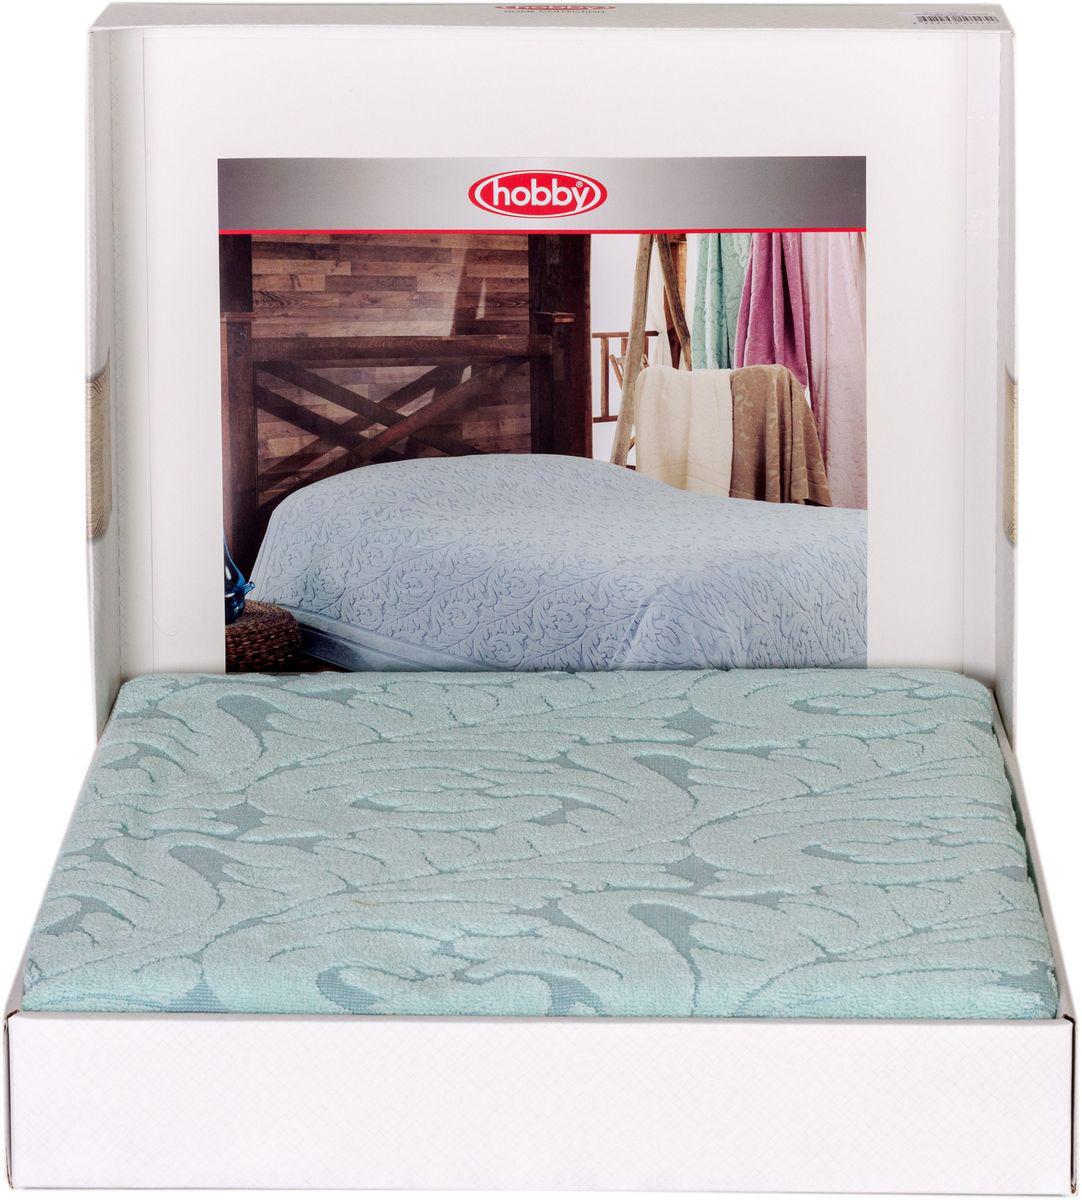 Покрывало Hobby Home Collection Sultan, цвет: ментоловый, 200 х 220 см96515412Шикарное покрывало Hobby Home Collection Sultan изготовлено из 100% хлопка высшей категории. Оно обладает замечательными дышащими свойствами и будет хорошо смотреться как на диване, так и на большой кровати. Данное покрывало можно также использовать в качестве одеяла.